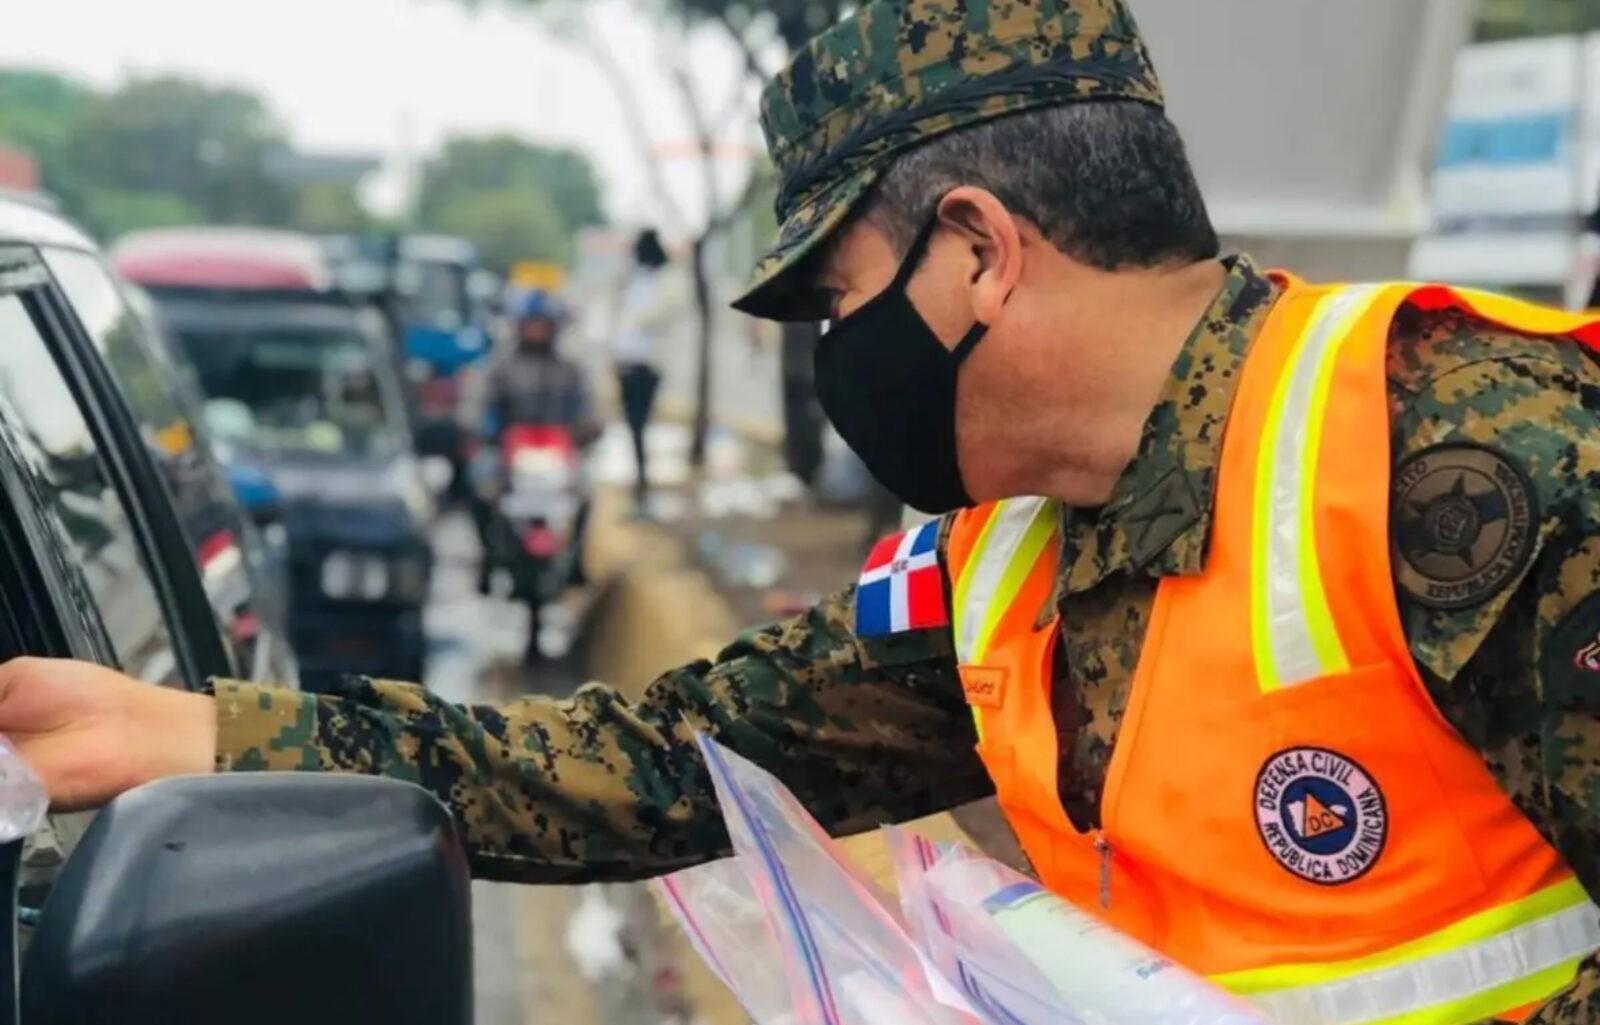 Miles de voluntarios de la Defensa Civil en labores prevención en DN y 31 provincias del país; énfasis en covid-19